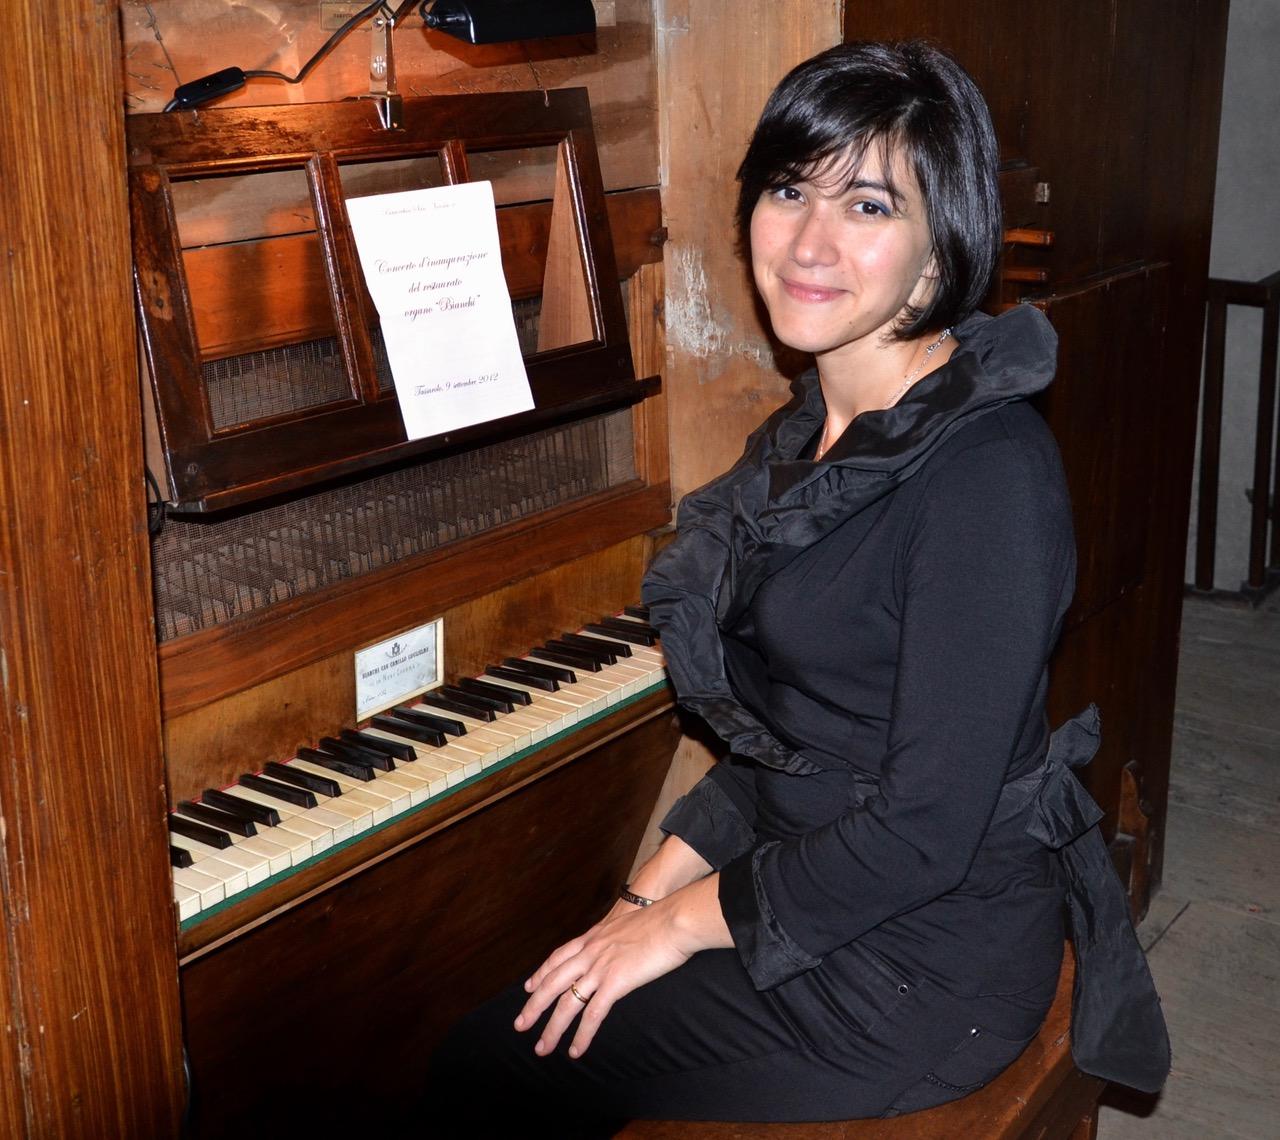 Concerti d'organo 2017 - Daniela Scavio